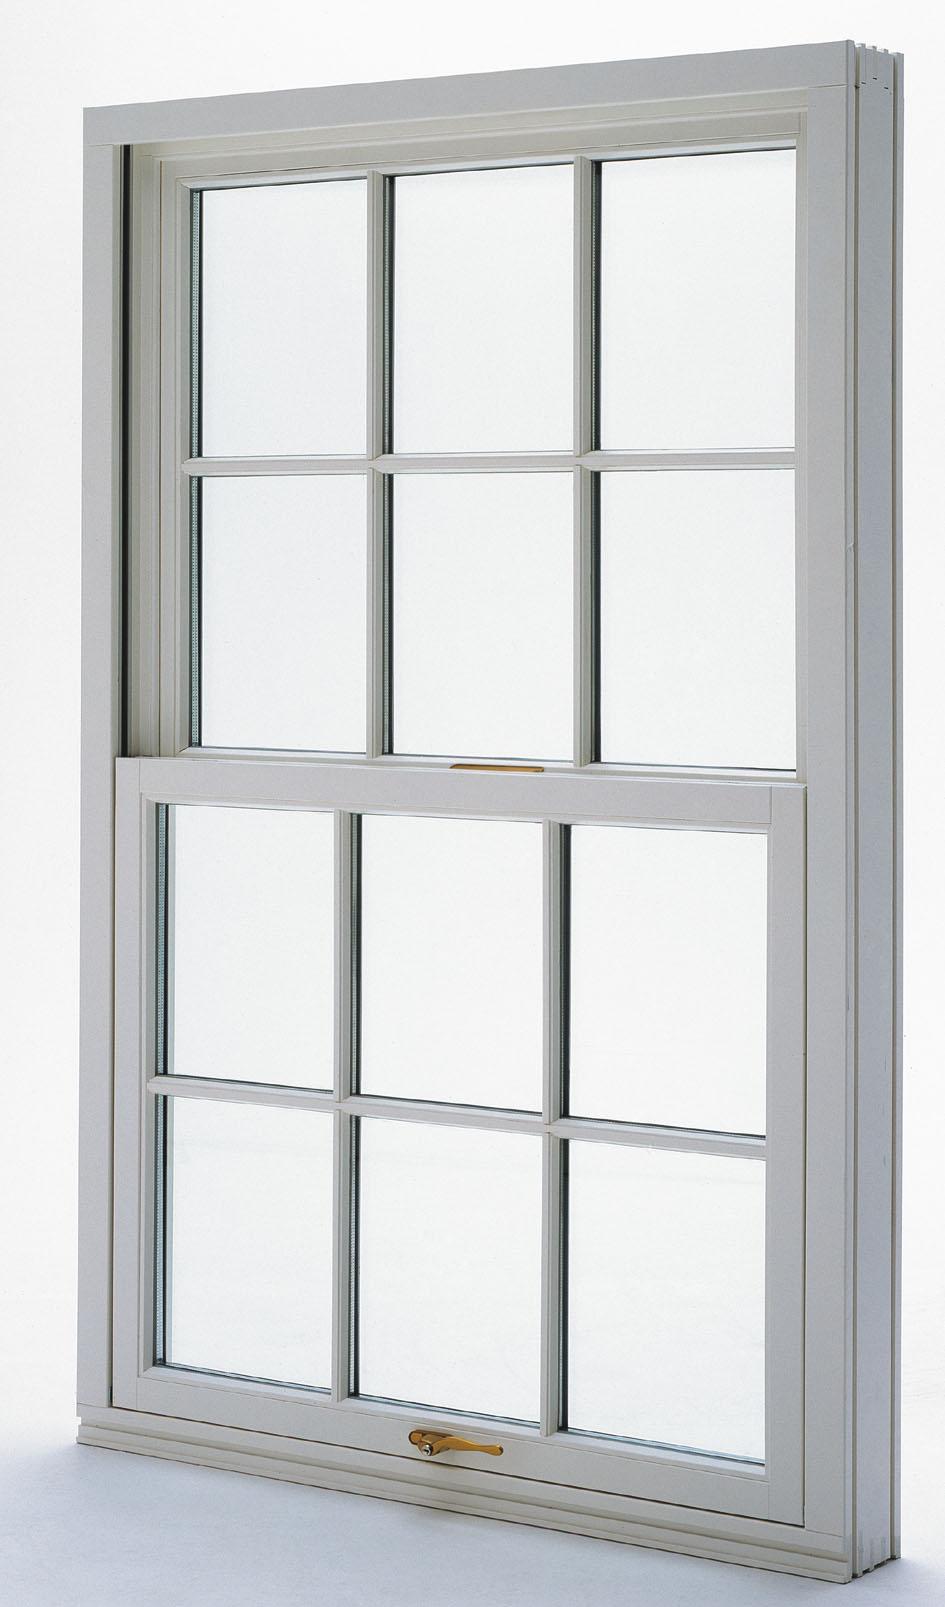 vertikal schiebefenster von vr gum fenster und t ren aus. Black Bedroom Furniture Sets. Home Design Ideas